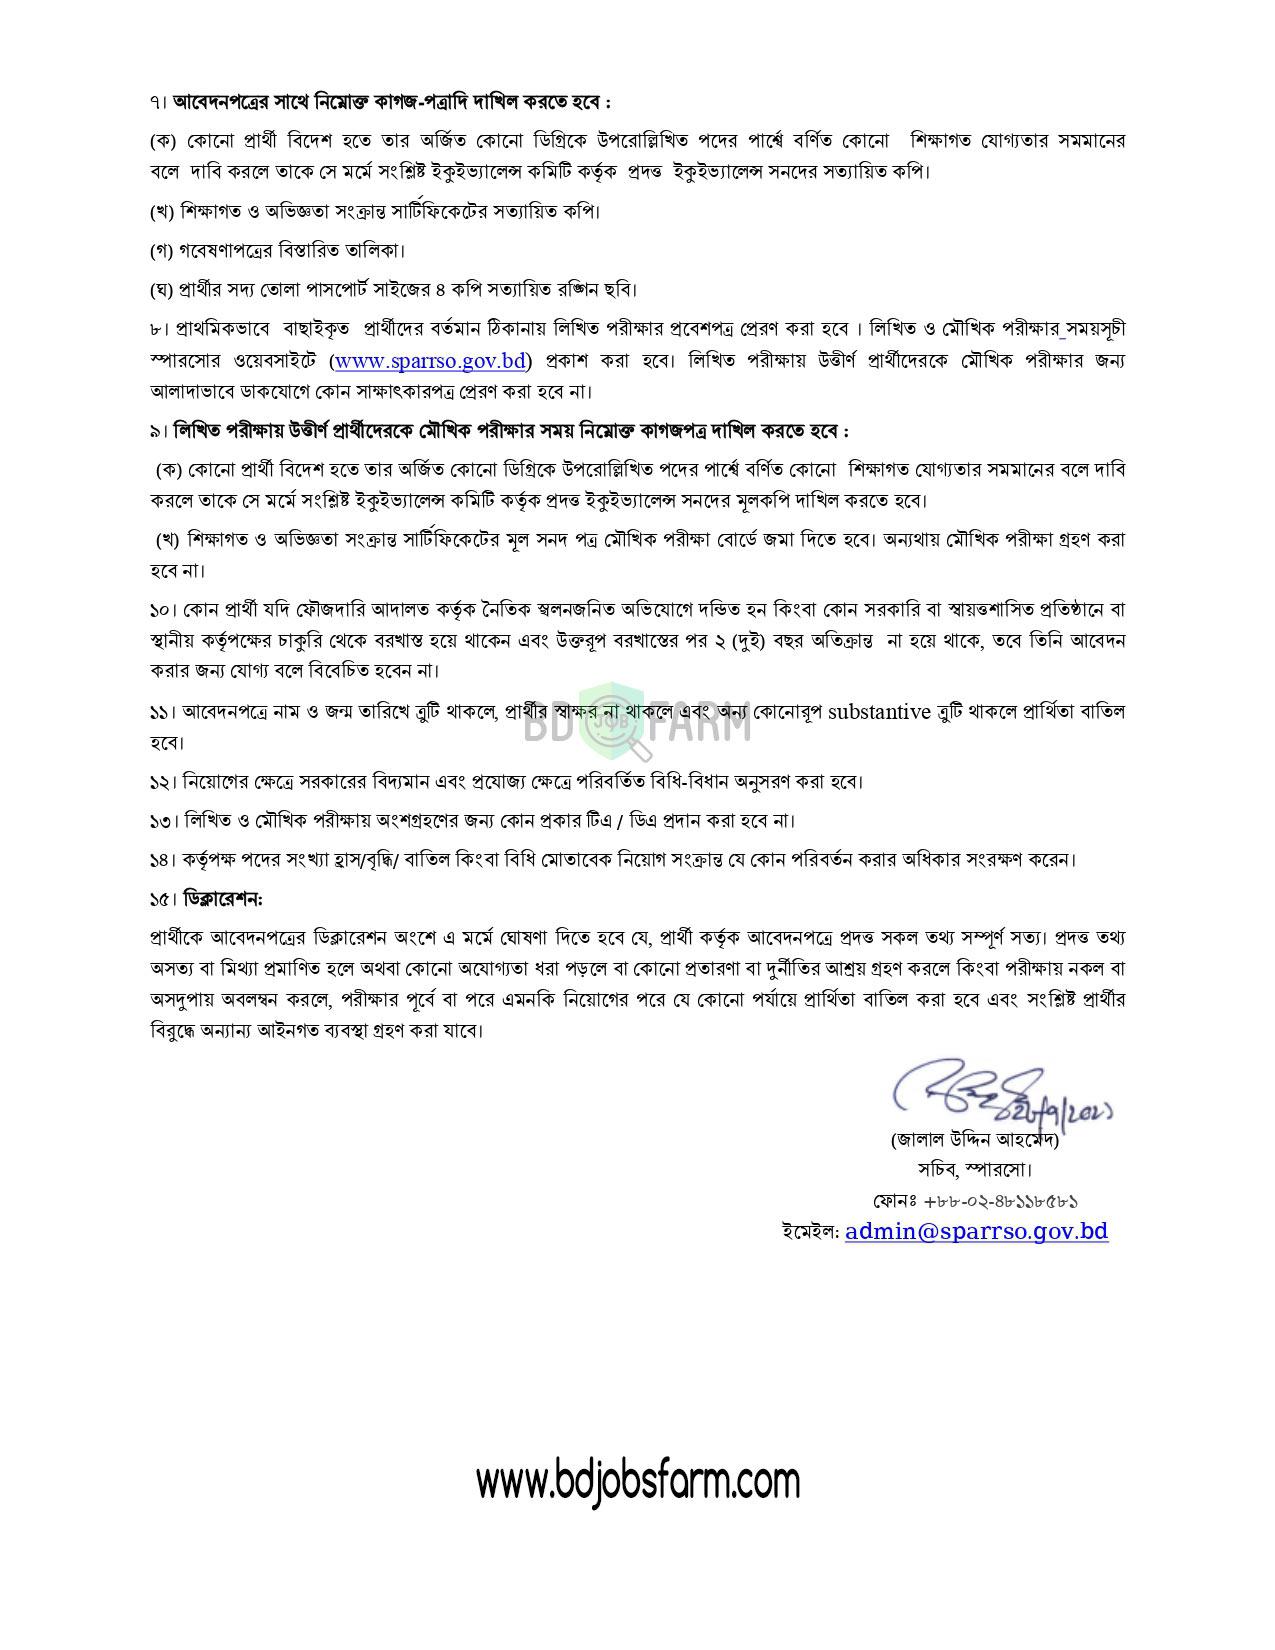 বাংলাদেশ মহাকাশ গবেষণা ও দূর অনুধাবন প্রতিষ্ঠান স্পারসো নিয়োগ বিজ্ঞপ্তি